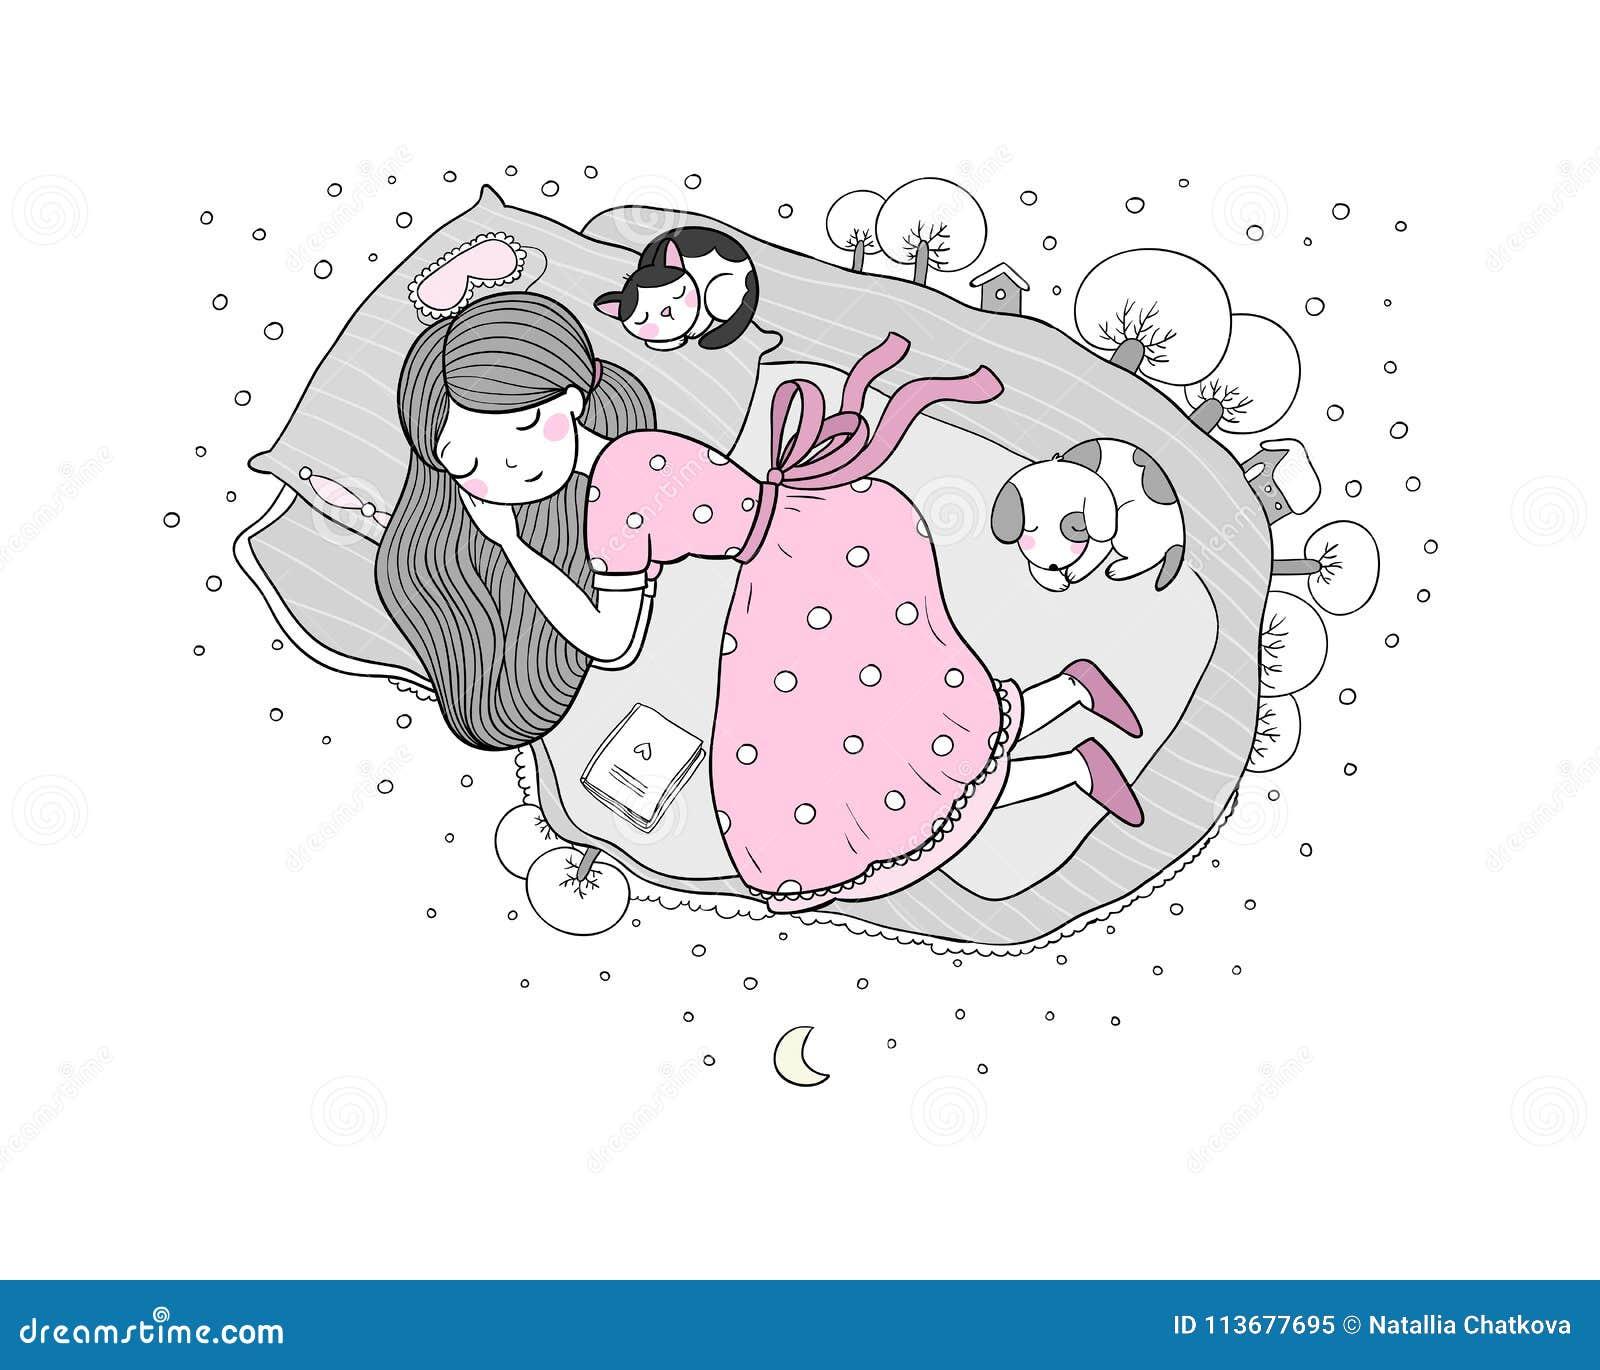 Madchen Katzen Und Hund Schlafen Im Bett Gute Nacht Vektor